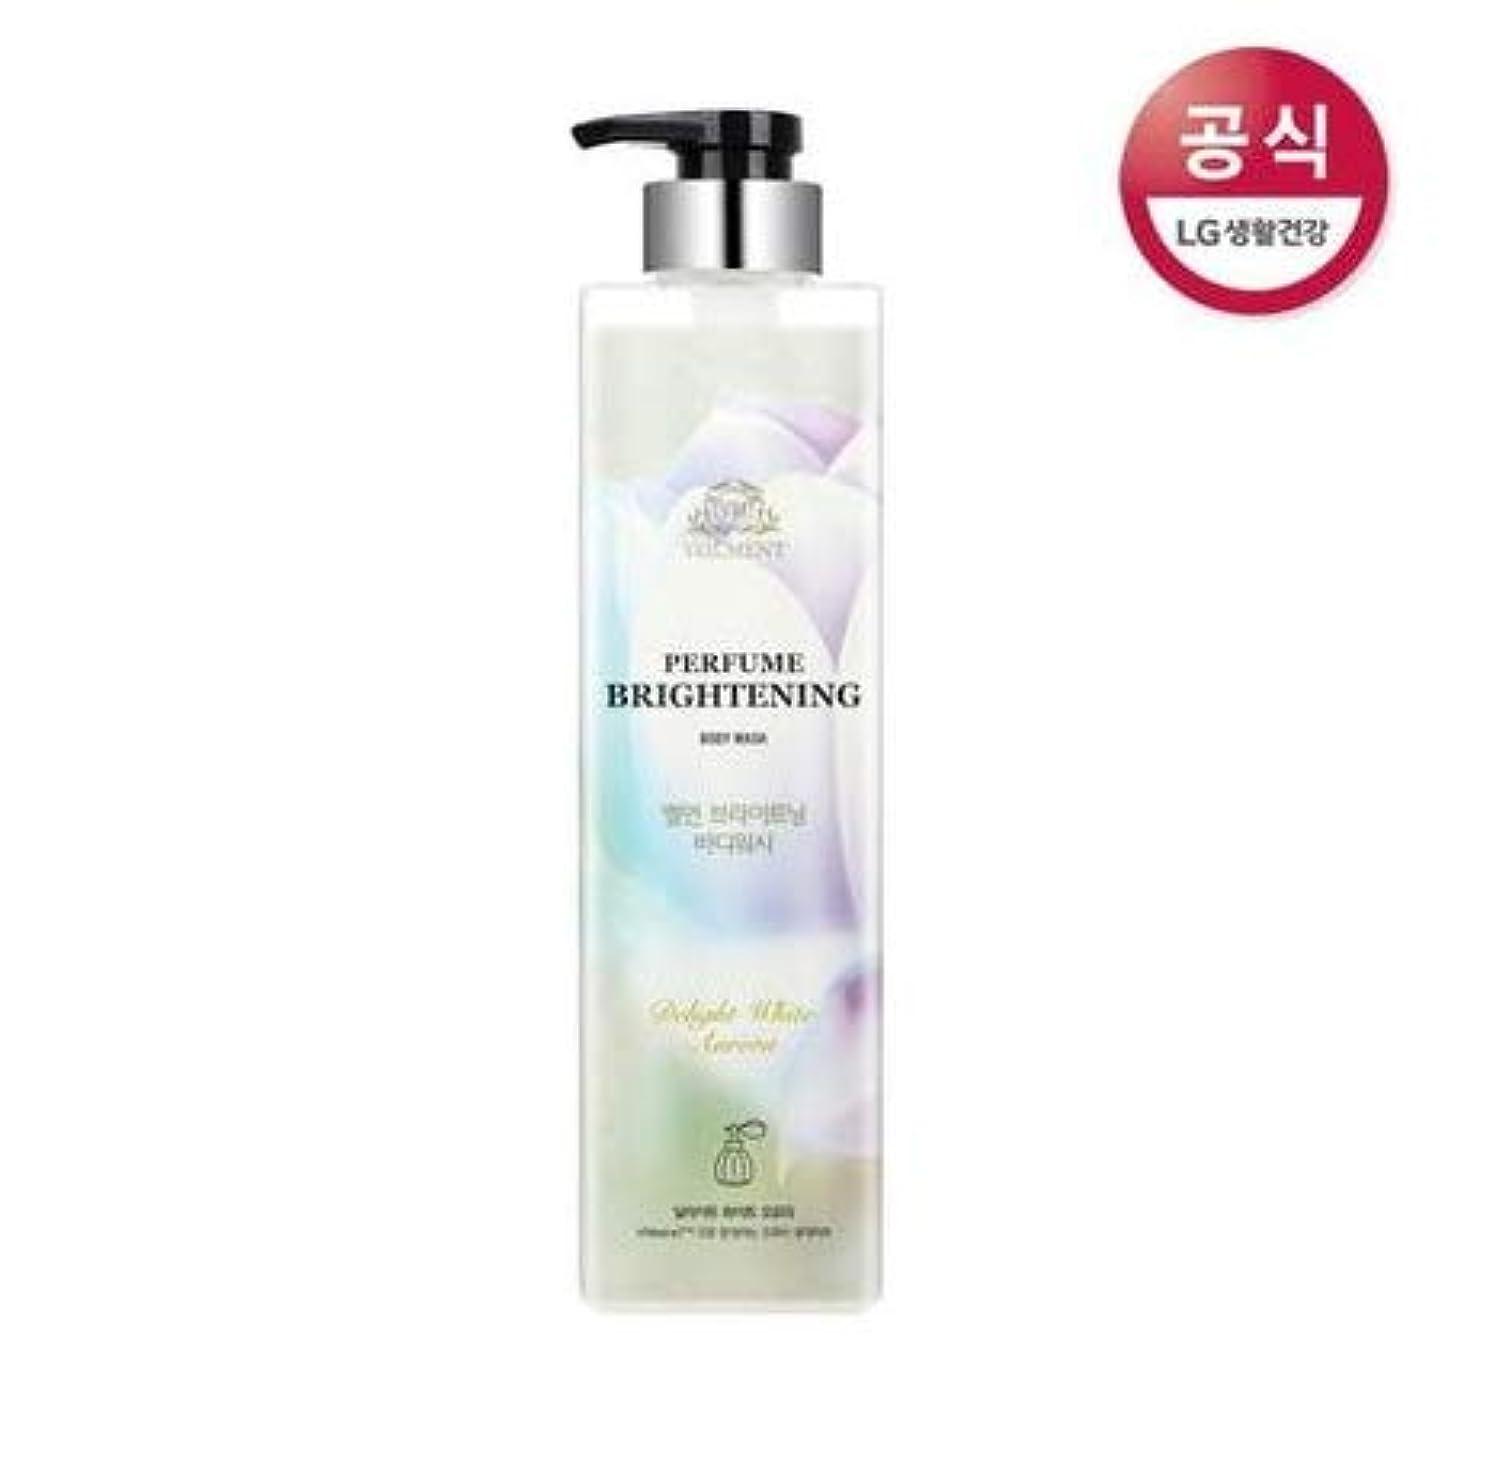 朝の体操をする感じる下[LG HnB] On the Body Belman Perfume Brightening Body Wash / オンザボディベルモンパフュームブライトニングボディウォッシュ680mlx1個(海外直送品)